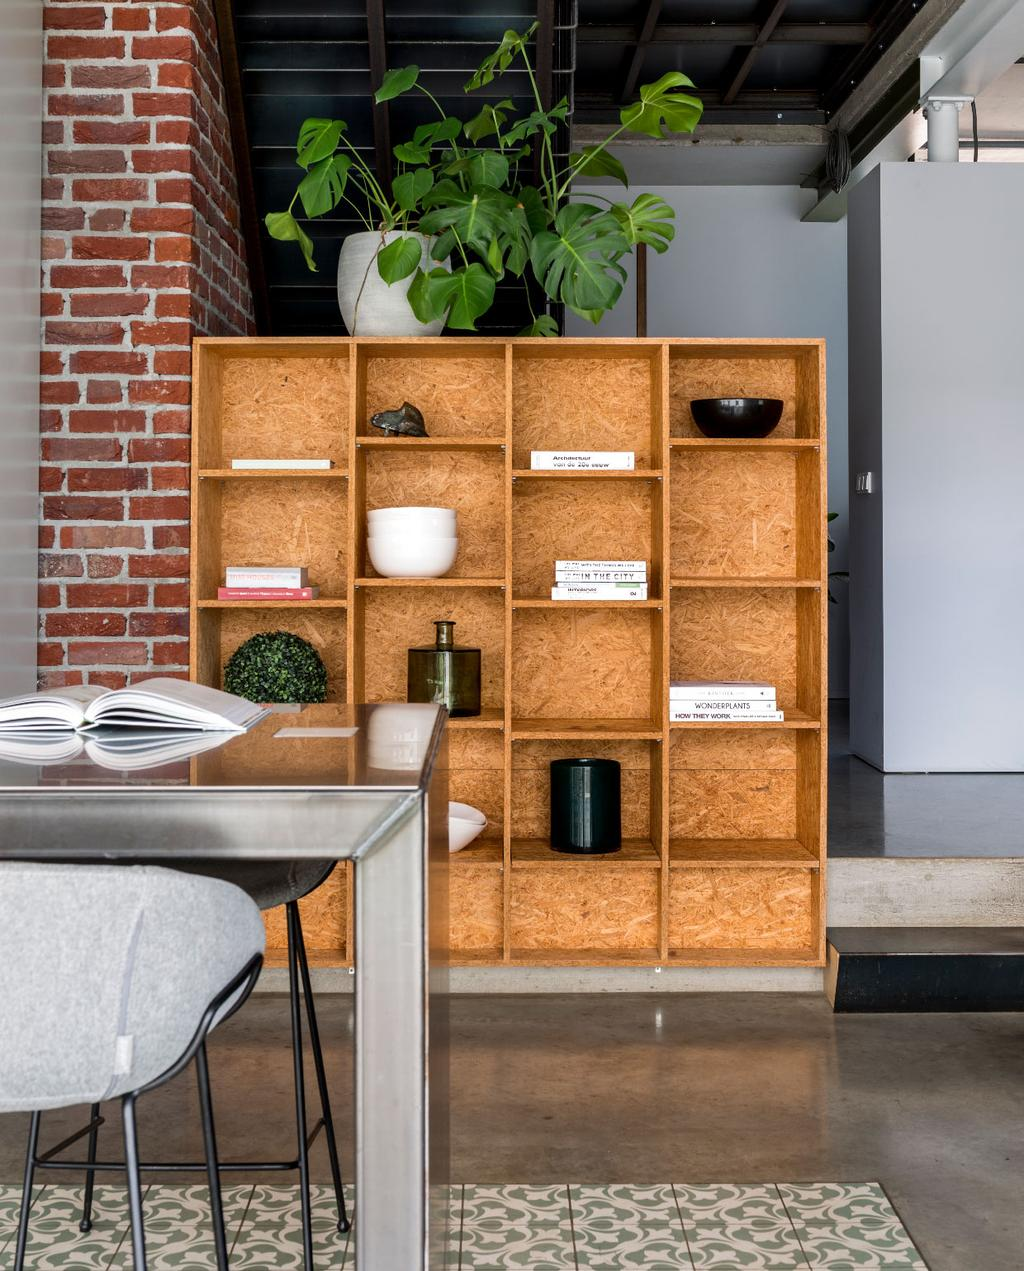 vtwonen 07-2020 | binnenkijken in Weert industriele keuken met rvs kookeiland en kast van geperst hout